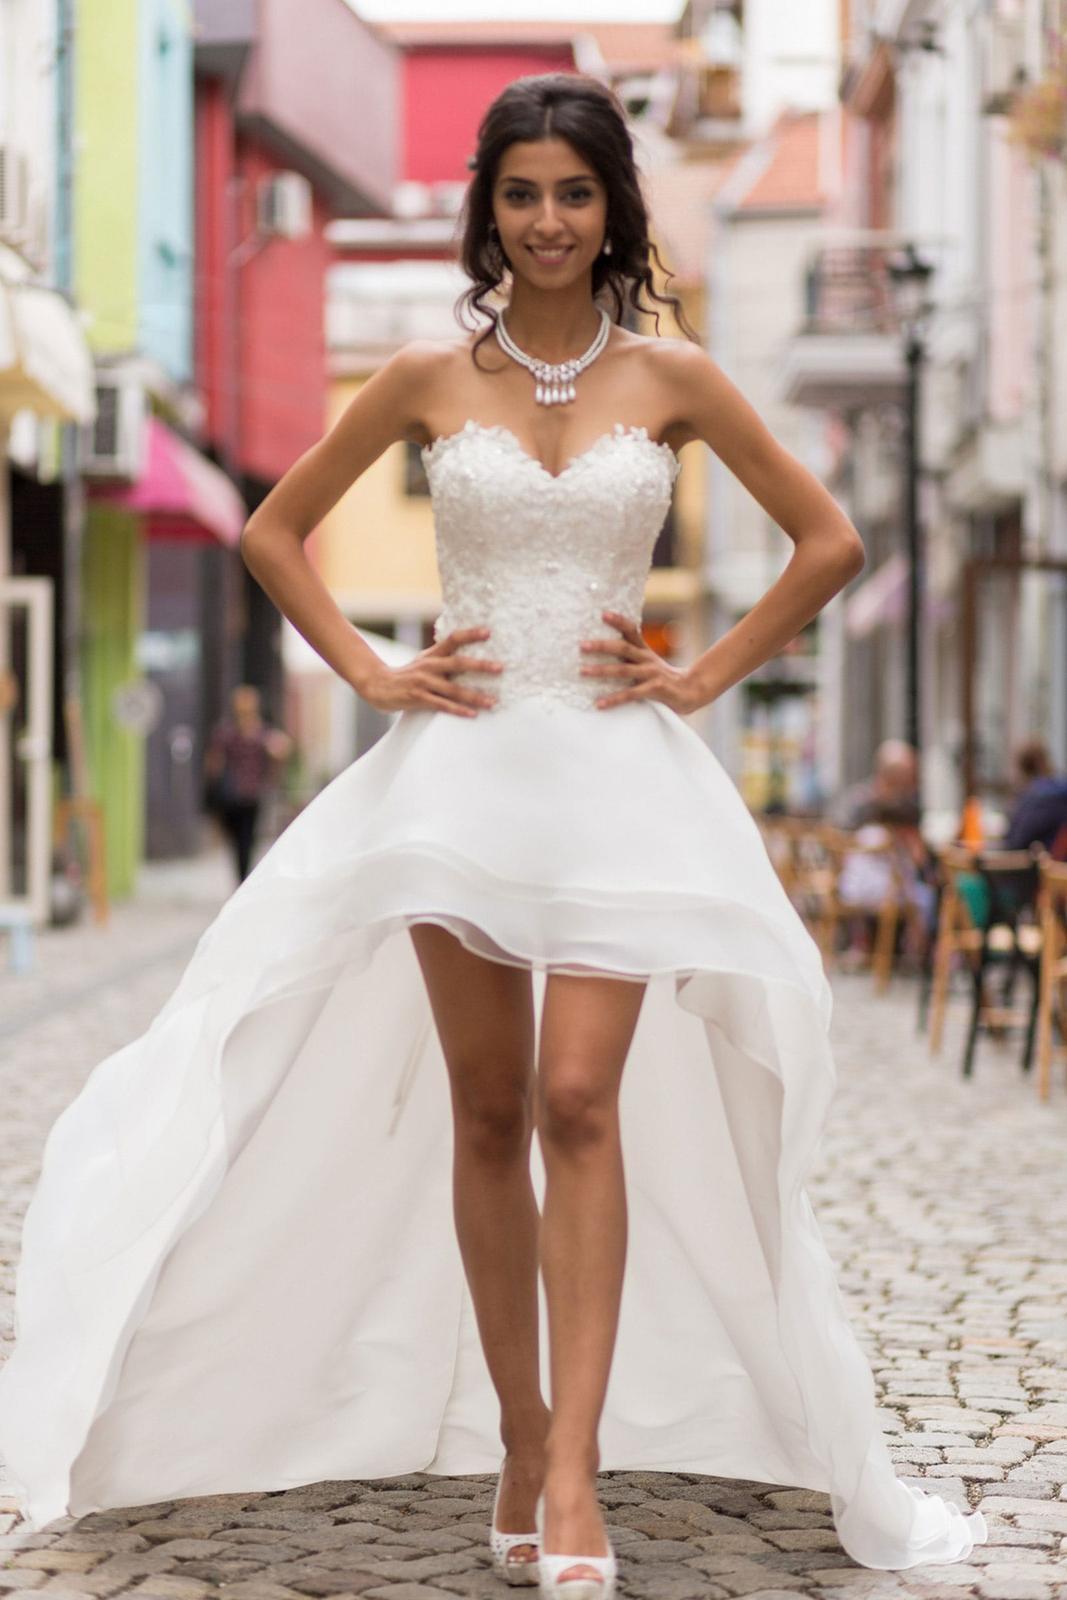 kratke/asymetricke svadobne saty z Talianska/Milana - Obrázok č. 1